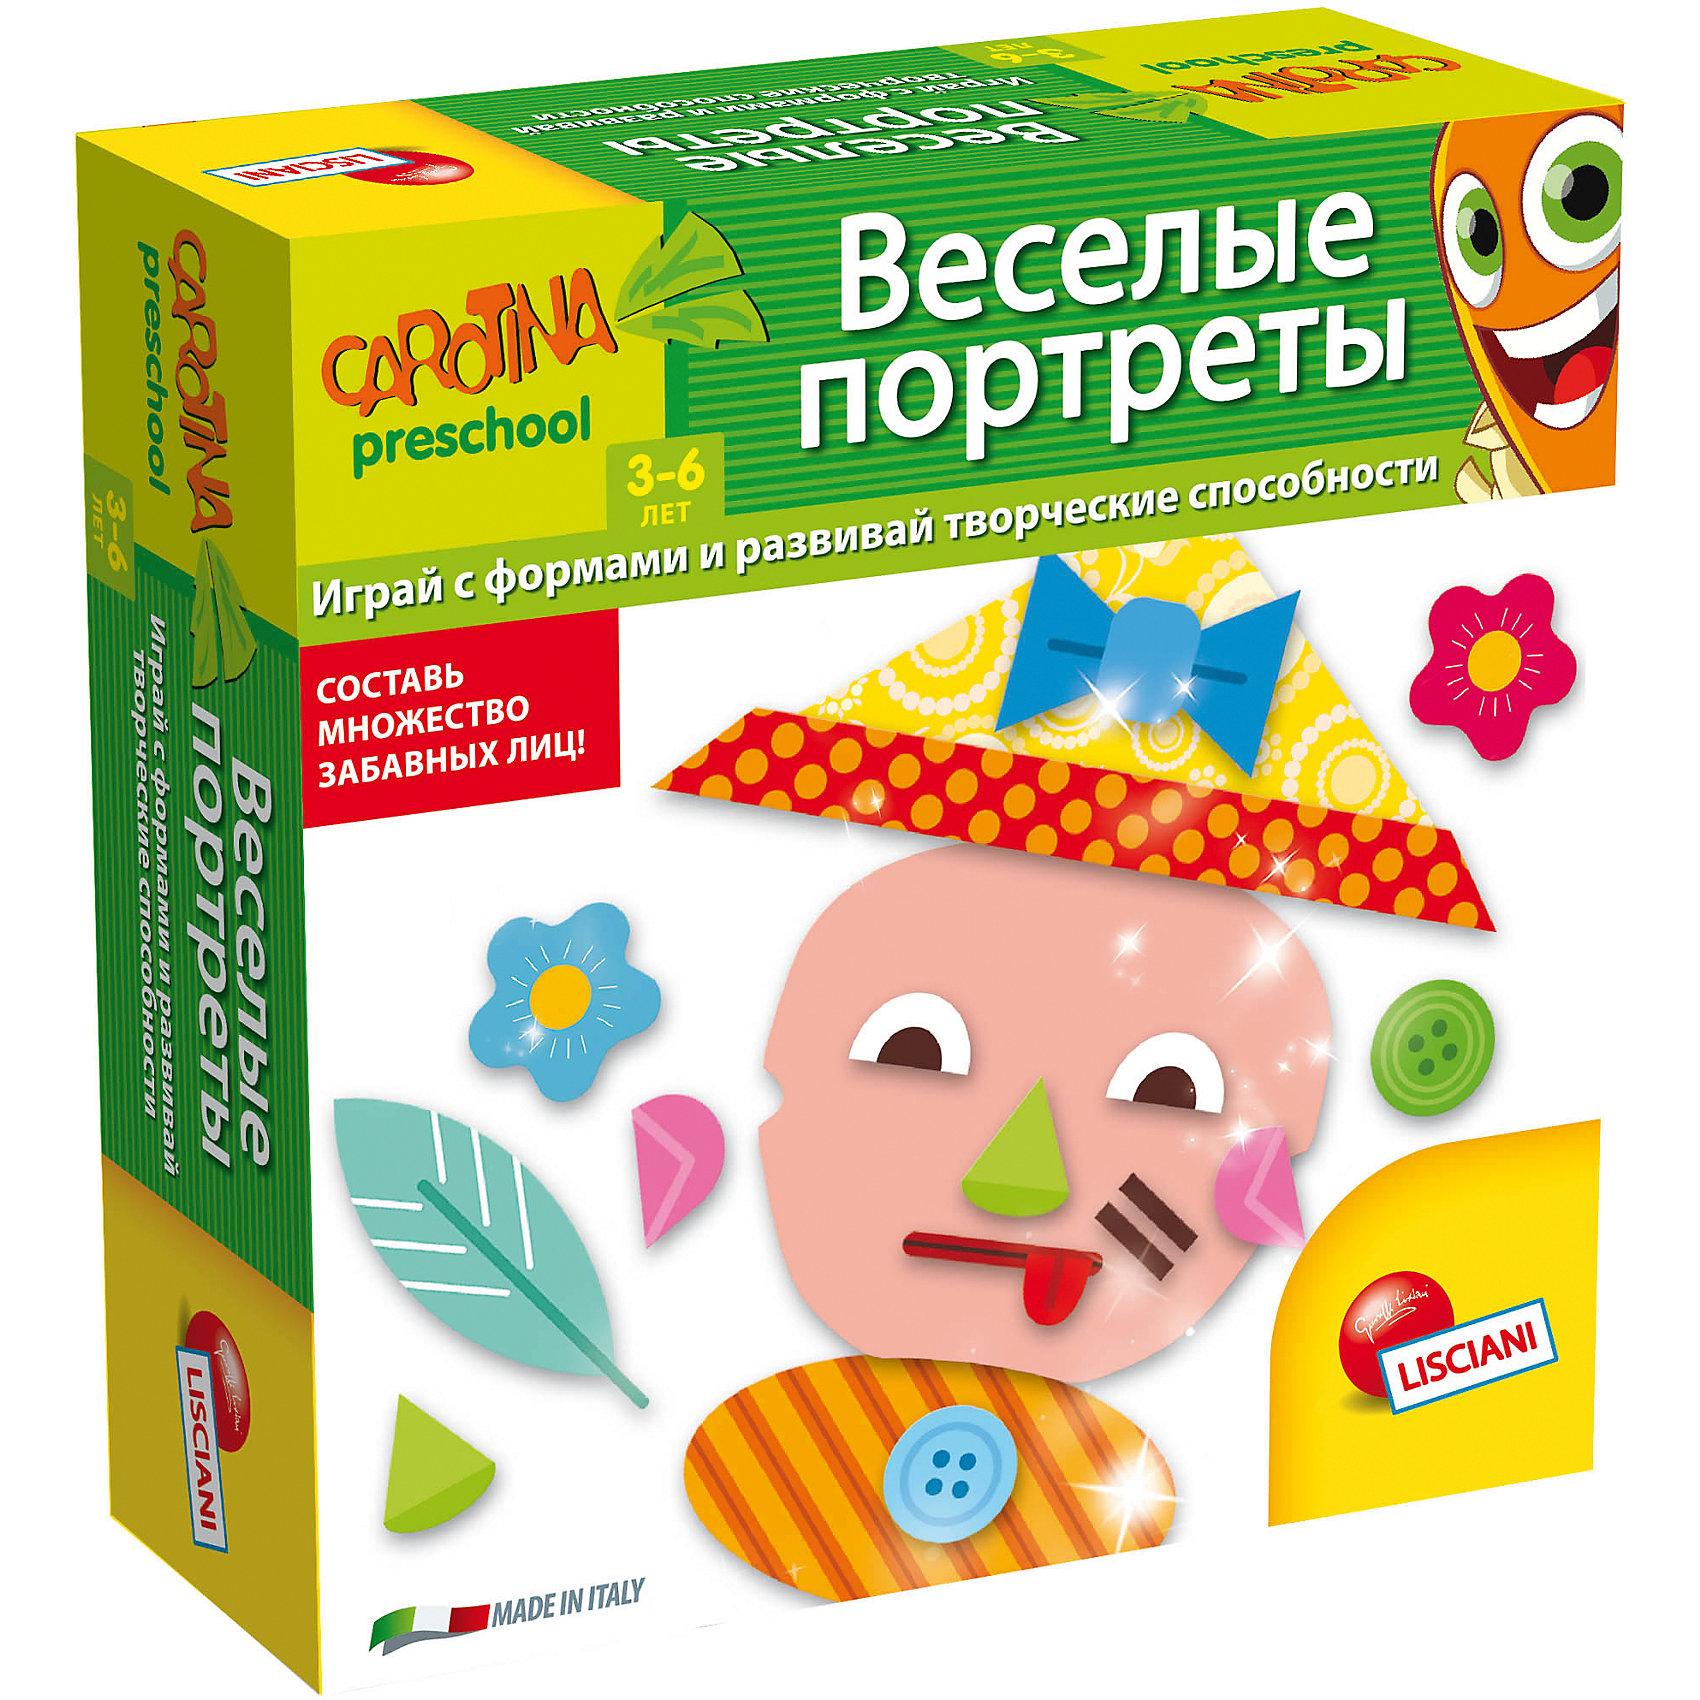 Обучающая игра Веселые портреты, LiscianiОкружающий мир<br>Обучающая игра Весёлые портреты, Lisciani<br><br>Характеристики:<br><br>• В набор входит: 6 наборов с портретами, 72 буквы, инструкция<br>• Размер упаковки: 18х5х18 см.<br>• Состав: картон, бумага<br>• Вес: 420 г.<br>• Для детей в возрасте: от 3 лет<br>• Страна производитель: Италия<br><br>Целых шесть наборов весёлых портретов, которые можно комбинировать на своё усмотрение, создавая новых и новых персонажей. Теперь можно учить части лица и развивать воображение! Занимаясь с этими играми дети смогут развивать память, внимательность, логическое и пространственное мышление, моторику рук, усидчивость, терпение и просто весело и с пользой проведут время! <br><br>Обучающую игру Весёлый портреты, Lisciani можно купить в нашем интернет-магазине.<br><br>Ширина мм: 177<br>Глубина мм: 177<br>Высота мм: 55<br>Вес г: 416<br>Возраст от месяцев: 36<br>Возраст до месяцев: 2147483647<br>Пол: Унисекс<br>Возраст: Детский<br>SKU: 5522894